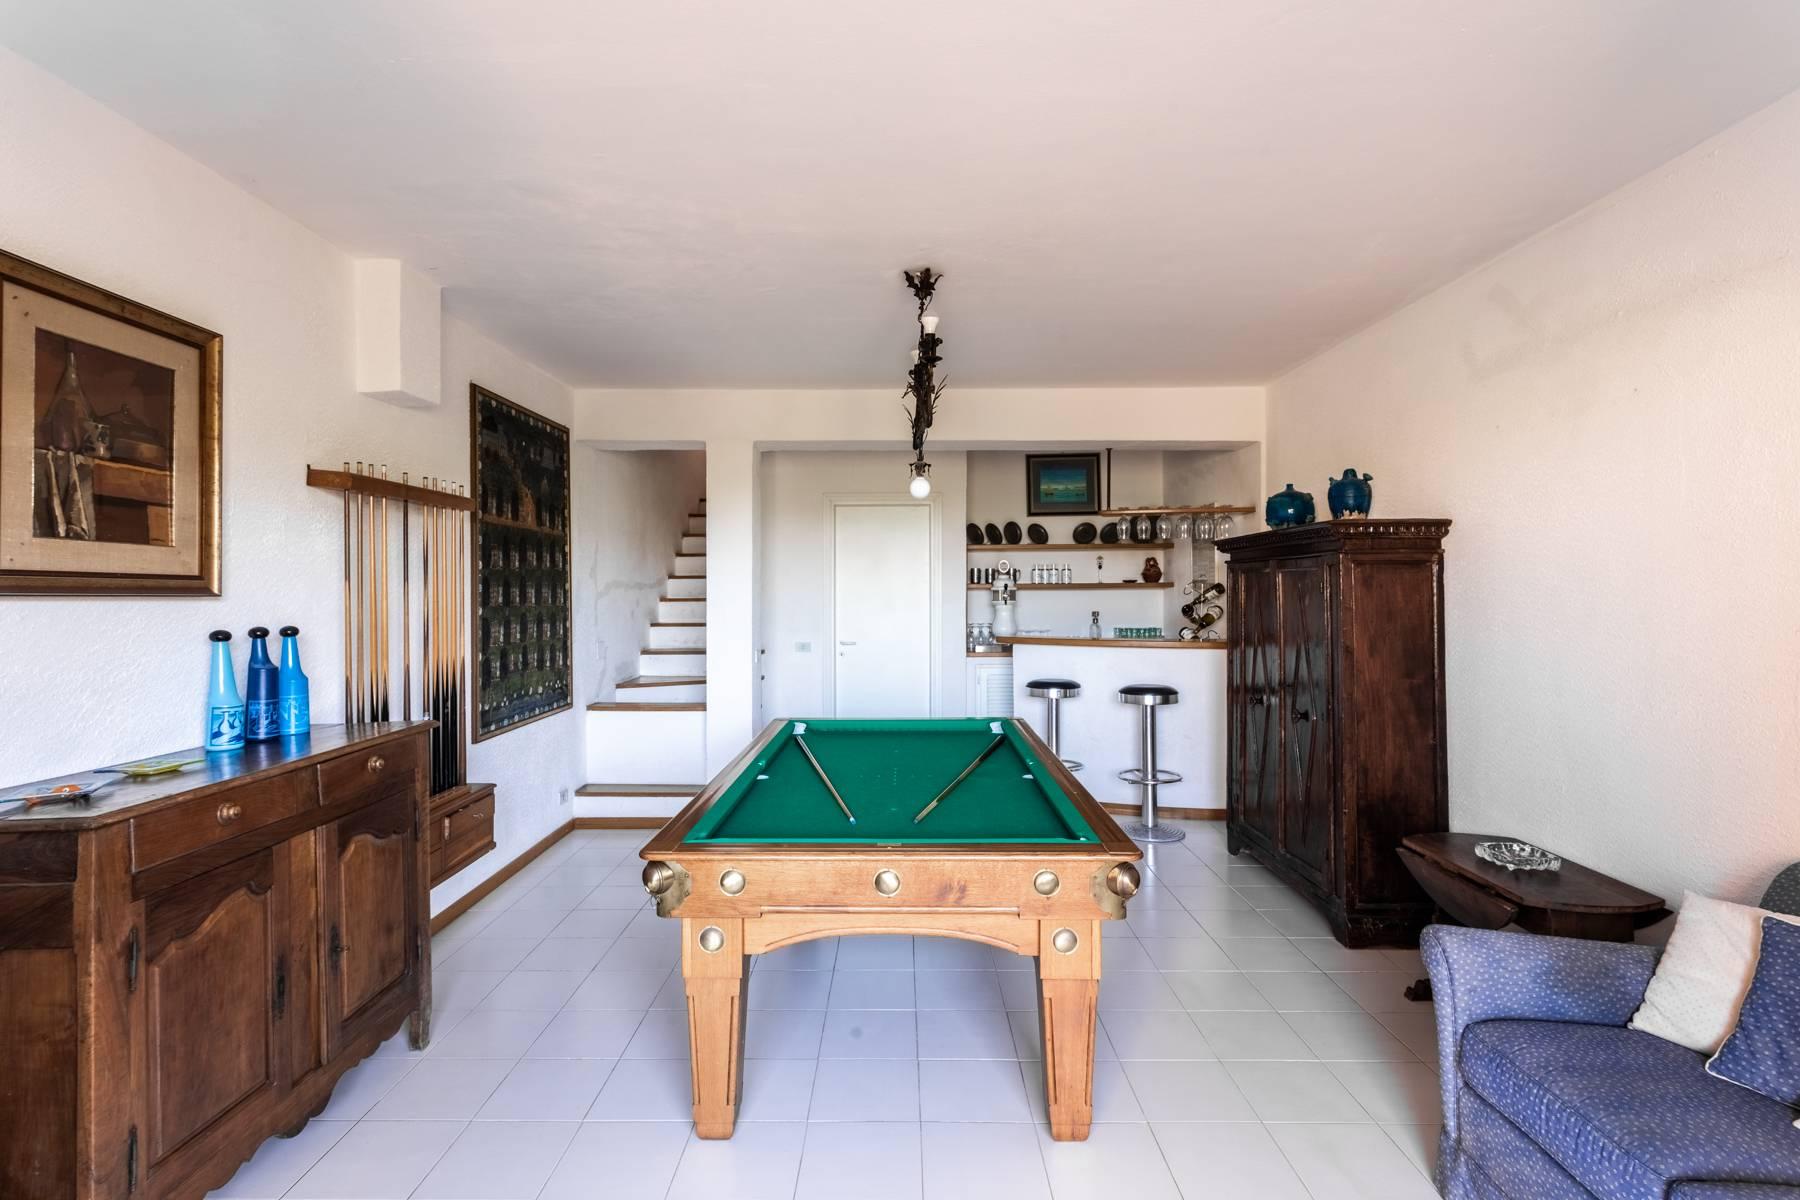 Casa indipendente in Vendita a Monte Argentario: 5 locali, 200 mq - Foto 20